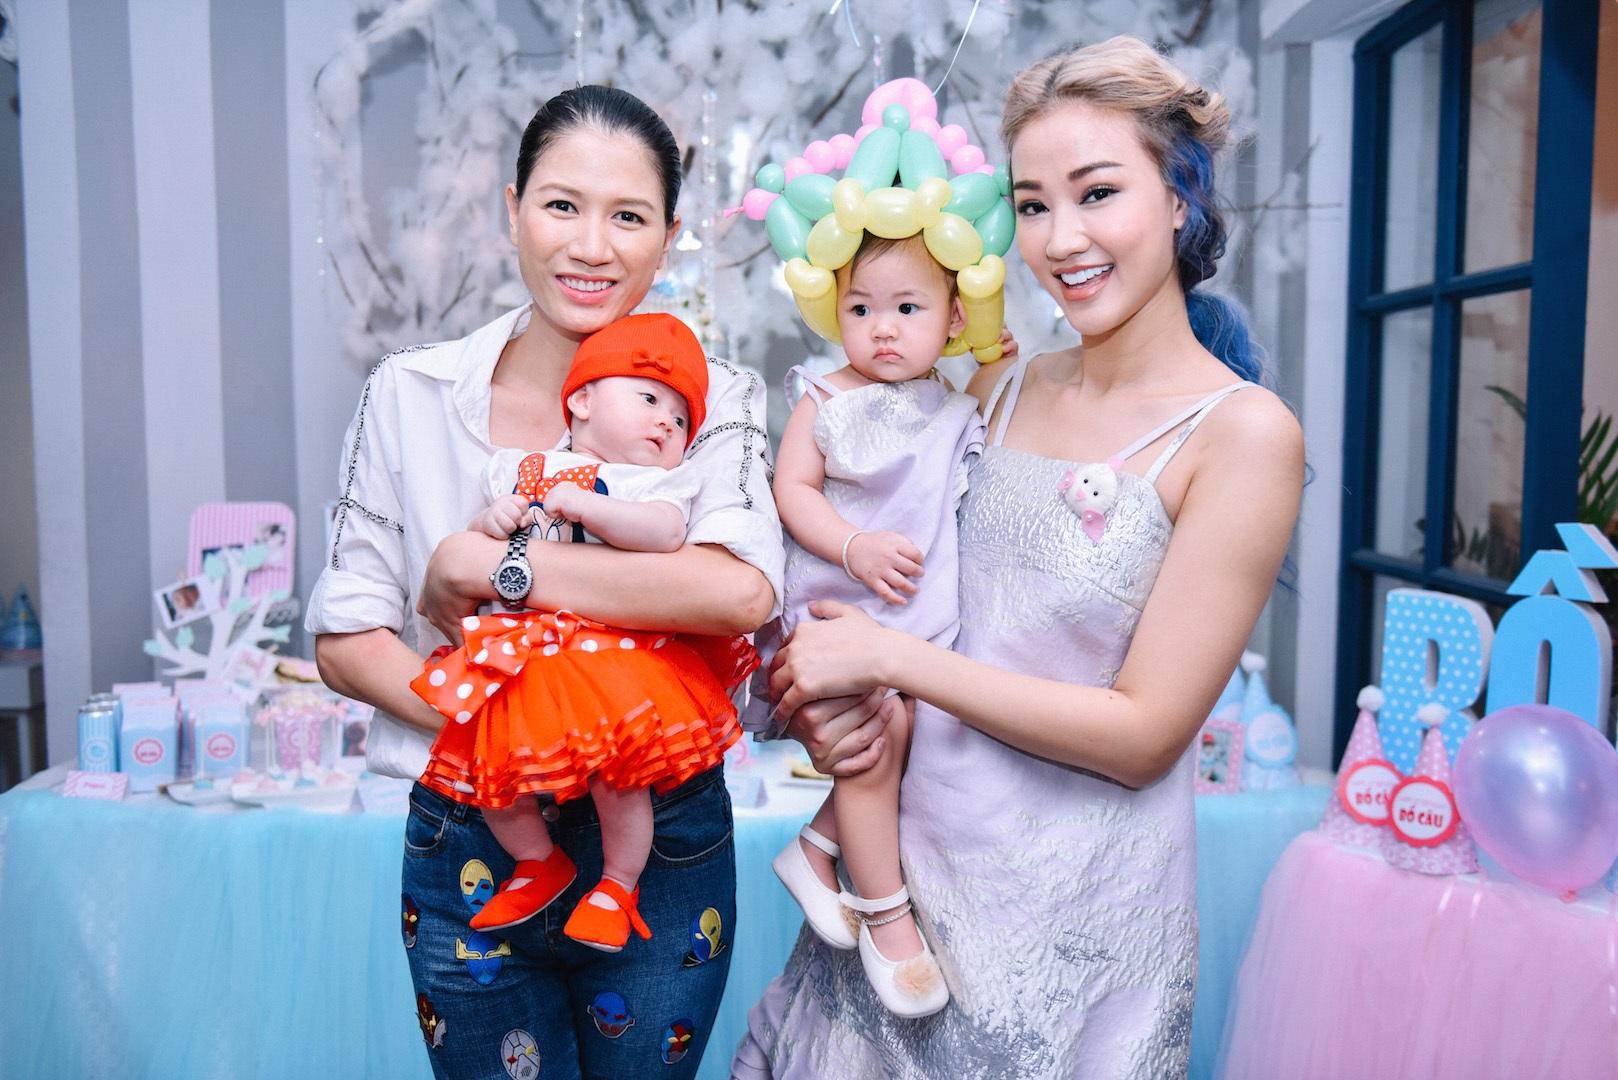 Đặc biệt, ca sĩ Thanh Thảo, người mẫu Trang Trần còn đưa con, cháu ruột để cùng vui chơi, thổi nến sinh nhật cùng với con gái Maya. Sự xuất hiện của đông đảo các bạn nhỏ đã khiến cho buổi tiệc trở nên vui vẻ, náo nhiệt hơn.